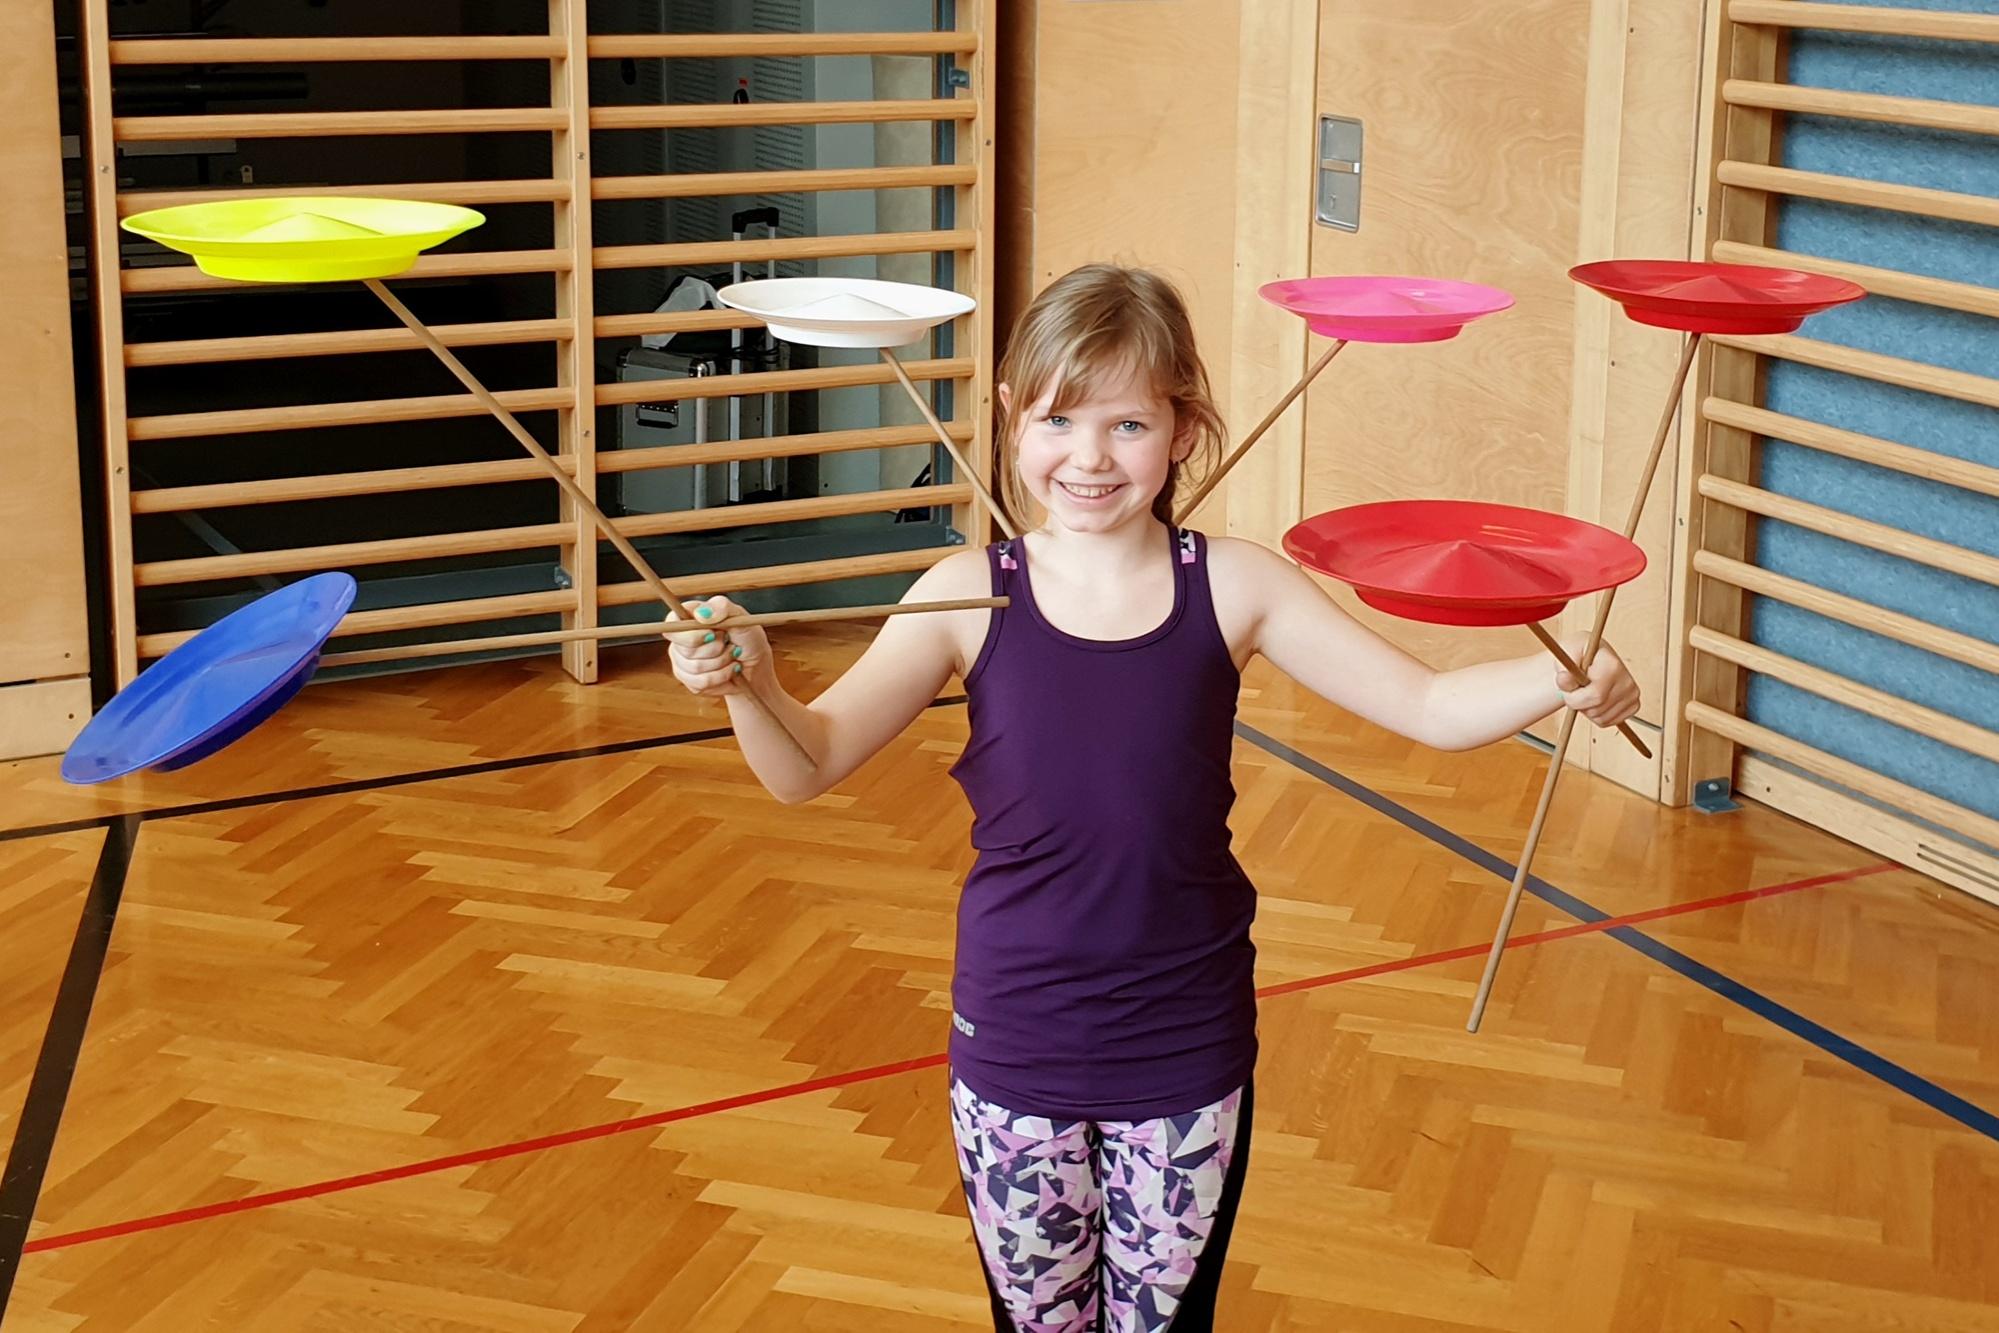 Zirkus macht Schule wird in Schulen angeboten und nach einer kurzen Einführungsshow werden die Kinder zu Zirkusartisten